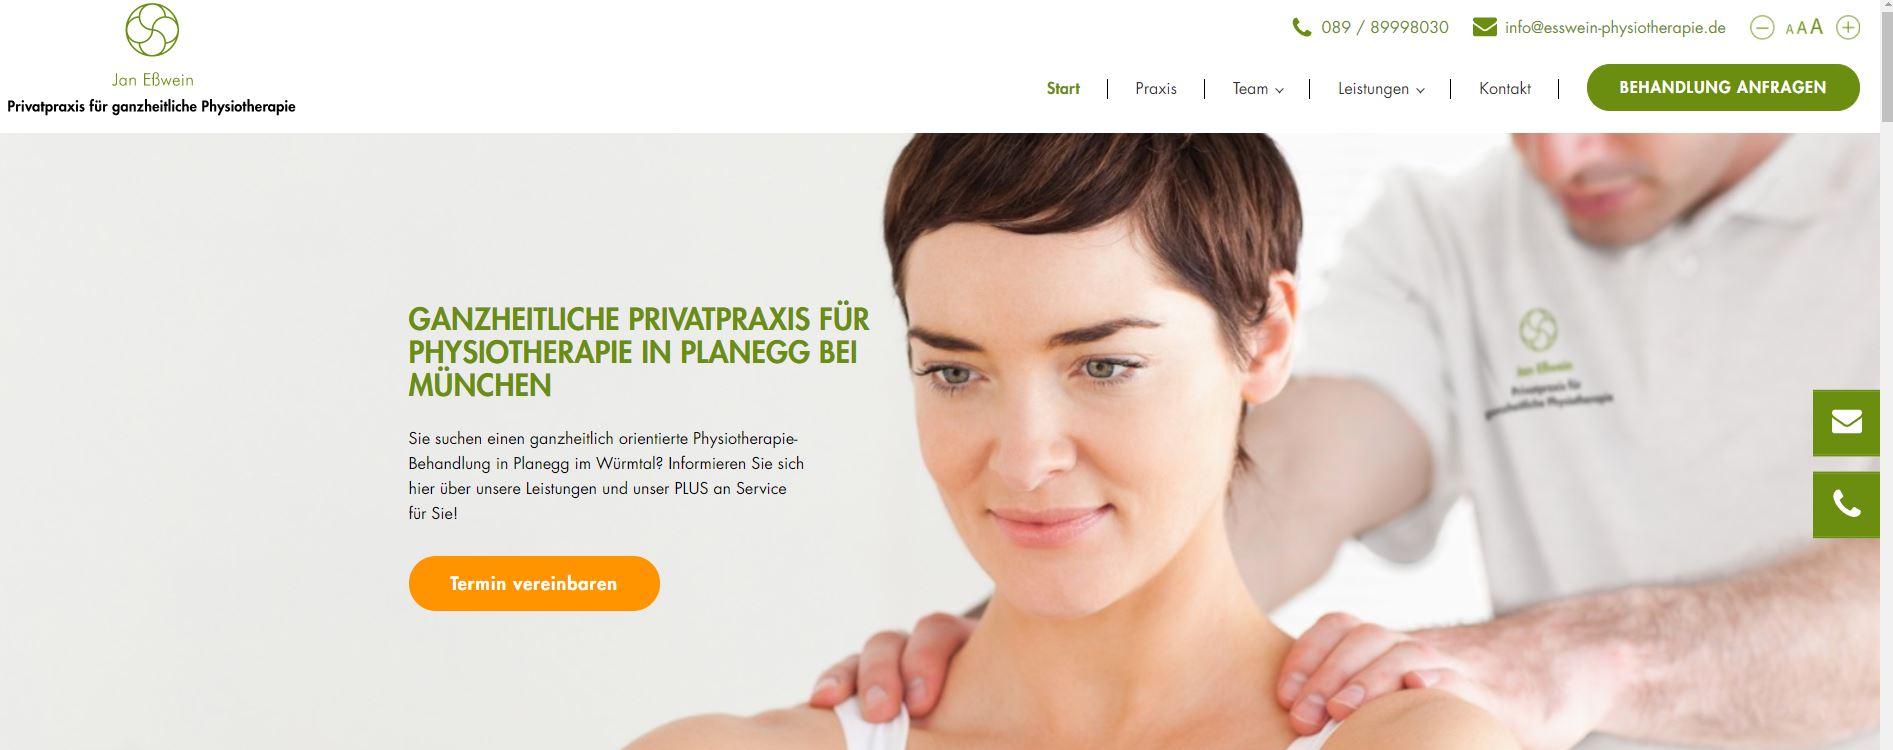 Online Marketing für eine Physiotherapie Praxis